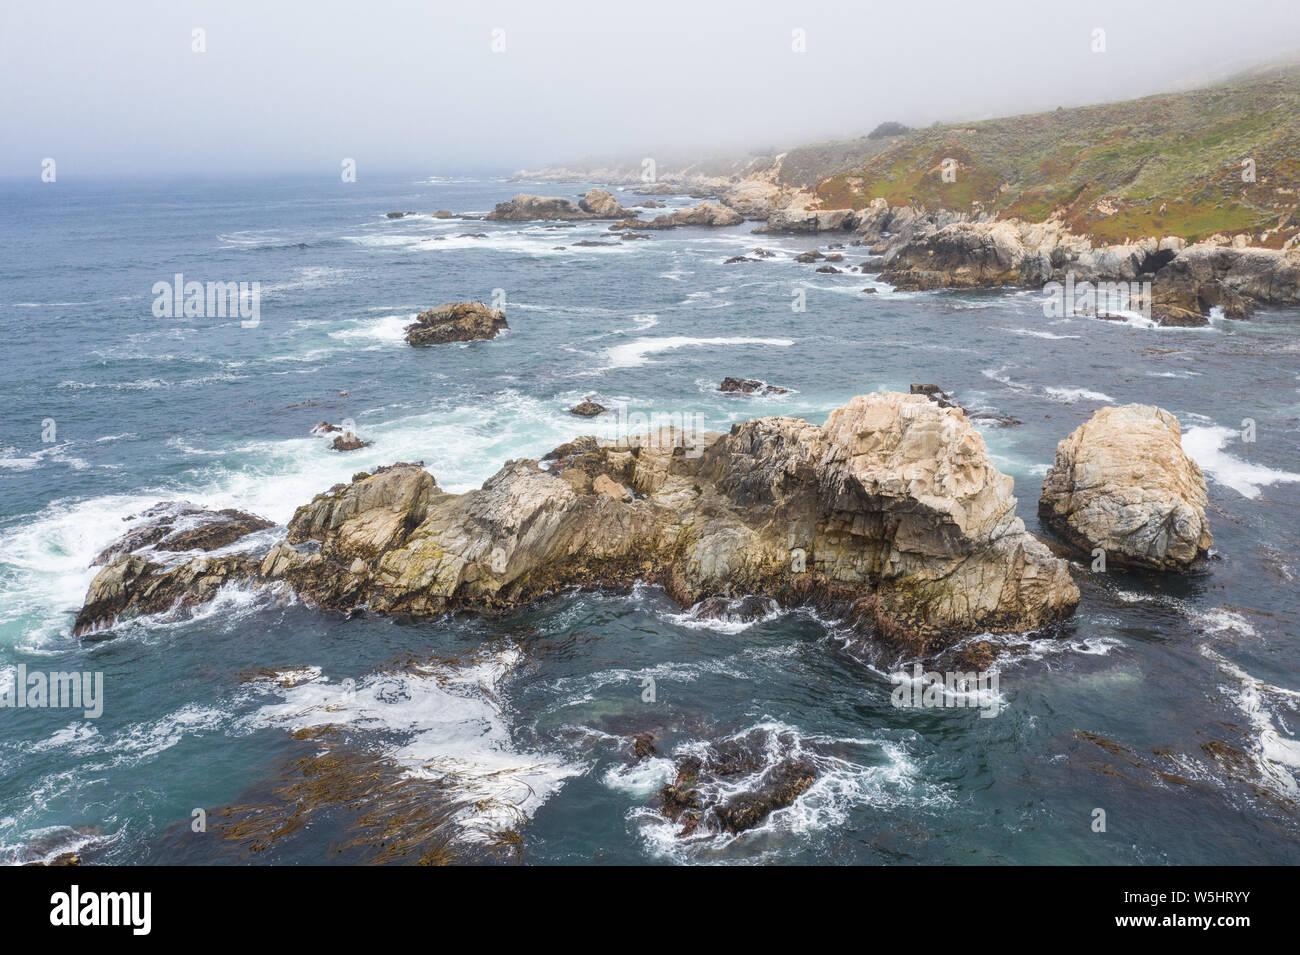 Visto desde una vista de pájaro, el Océano Pacífico baña contra el pintoresco y costa rocosa al sur de Monterrey, en el norte de California. Foto de stock